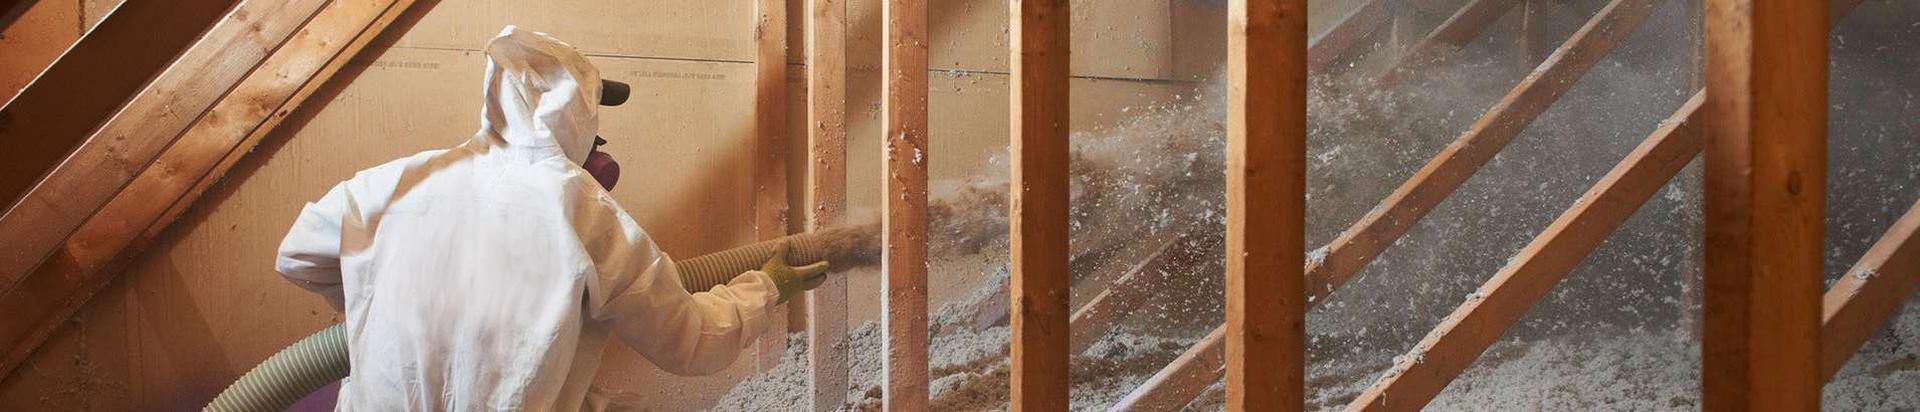 ehitus- ja viimistlusmaterjalid, isolatsioonimaterjalid, soojustusmaterjalid, soojustustööd, puistevill, puistevilla paigaldajad, puistevilla paigaldus, puistevillad, puistevillaga soojustamine, pööningu soojustamine